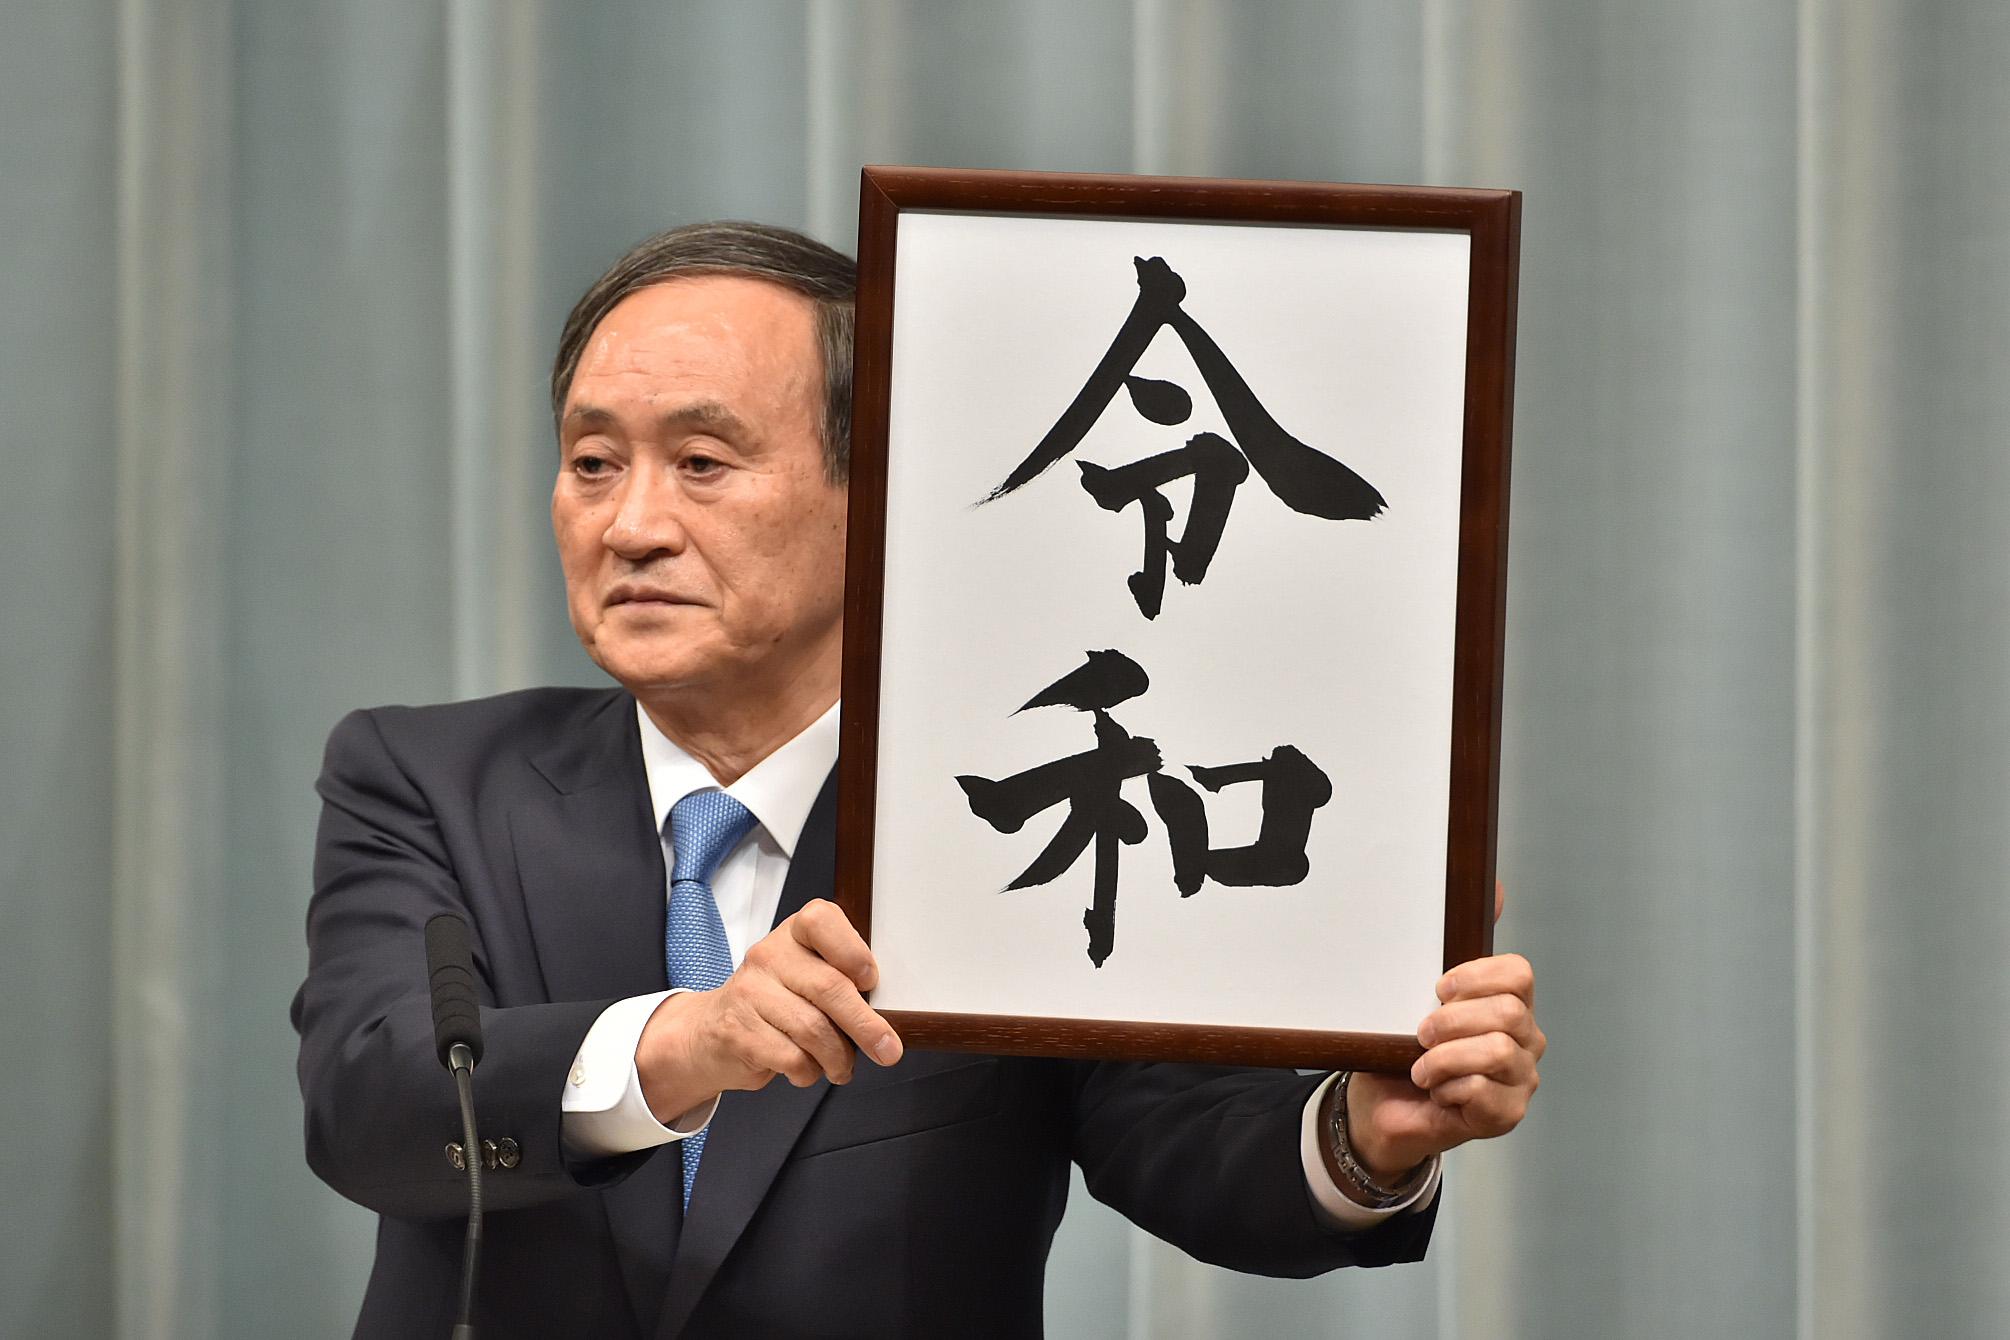 日本新年号「令和」 德仁5月即位启用樱花绽放洋溢希望